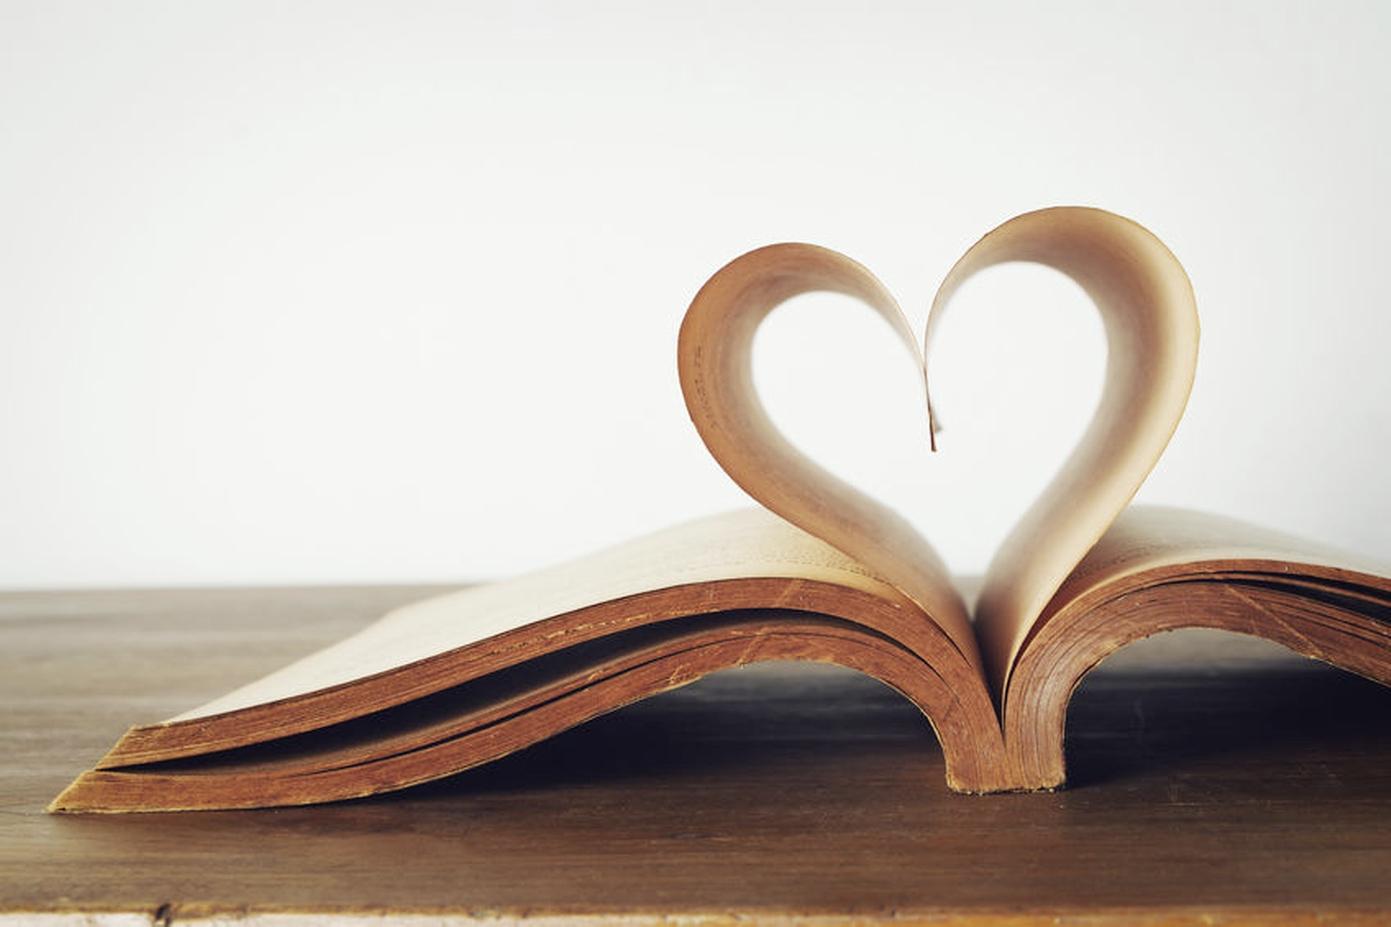 Marten zat vast tussen trouw en liefde | Over Liefde